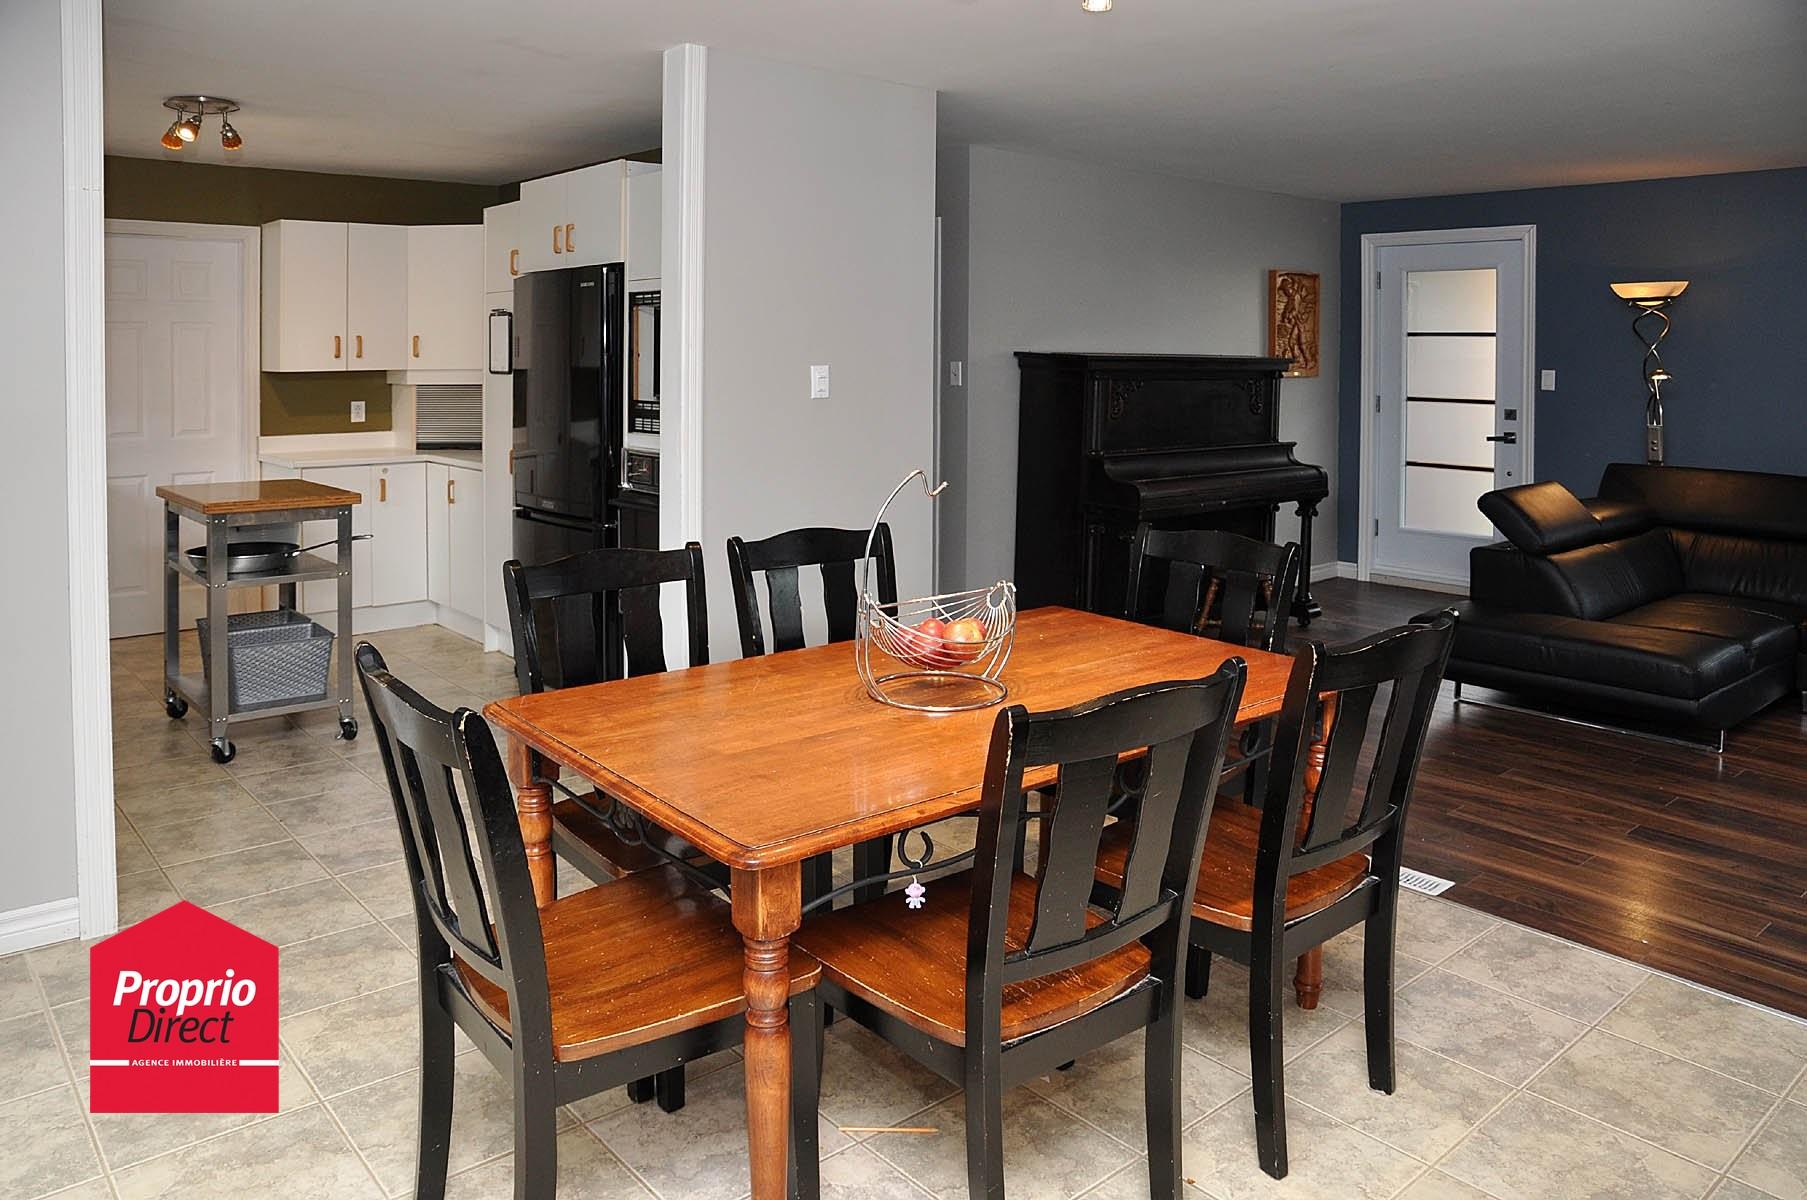 Maison de plain pied vendre 1465 rue andr bergeron for Salle a manger levi